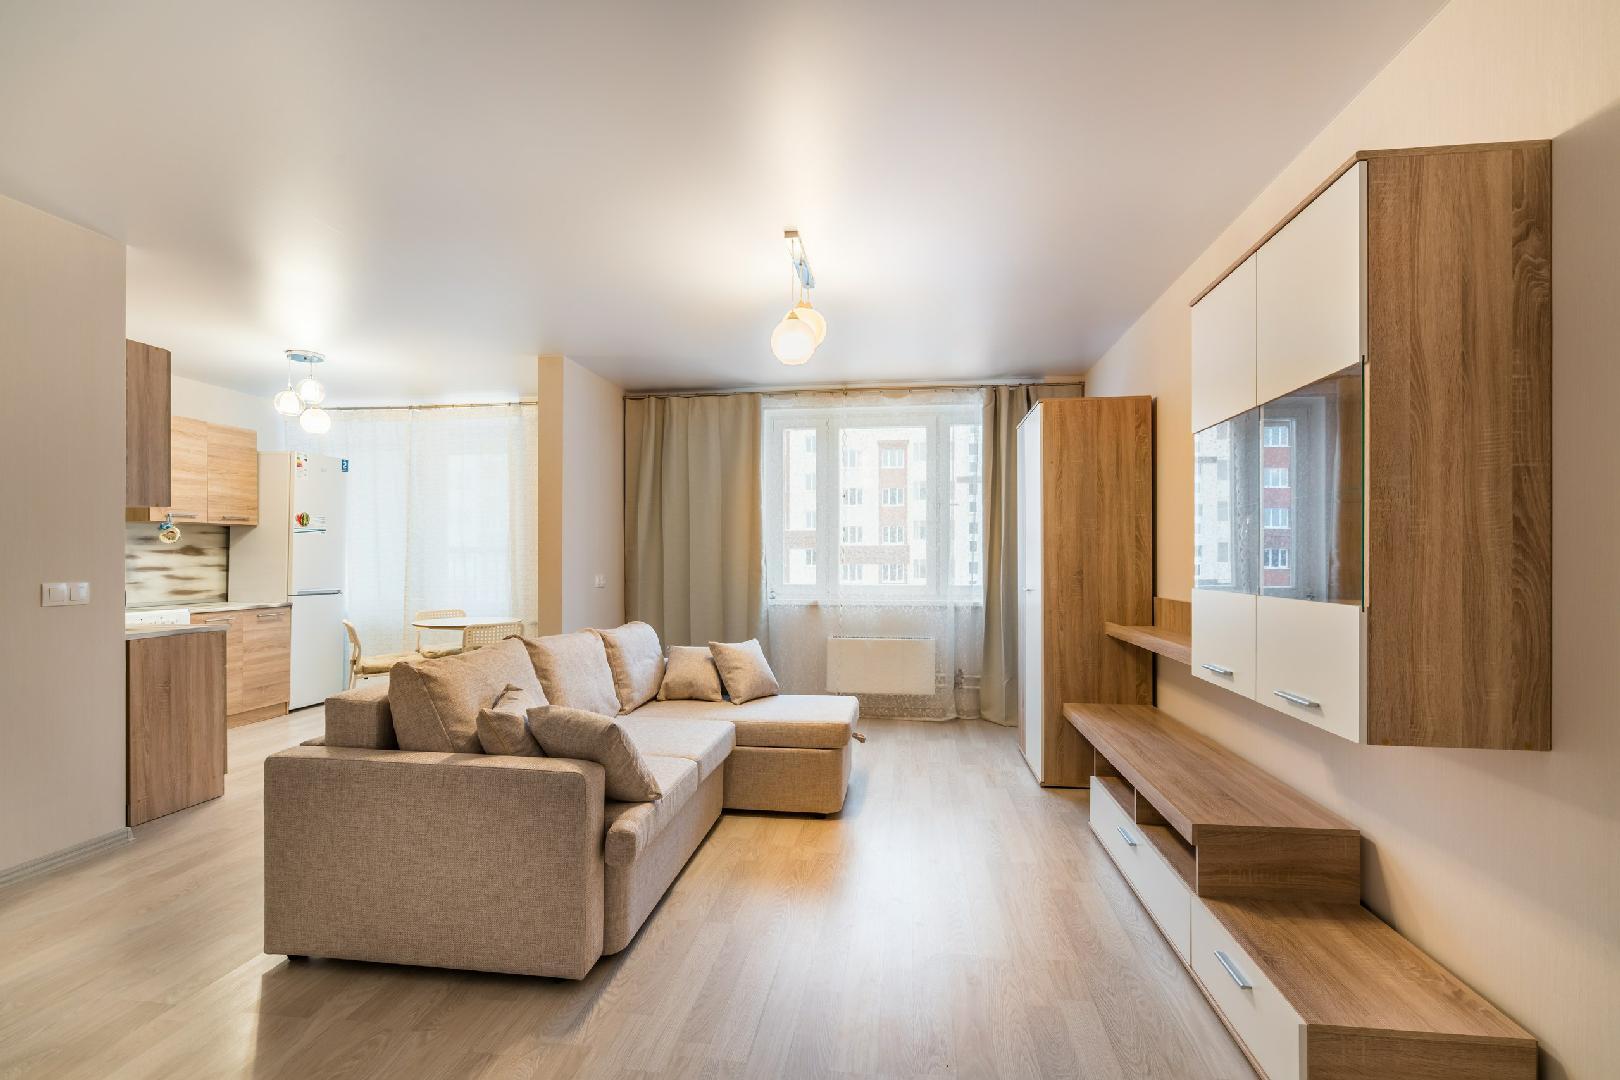 купить квартиру в новостройке с отделкой